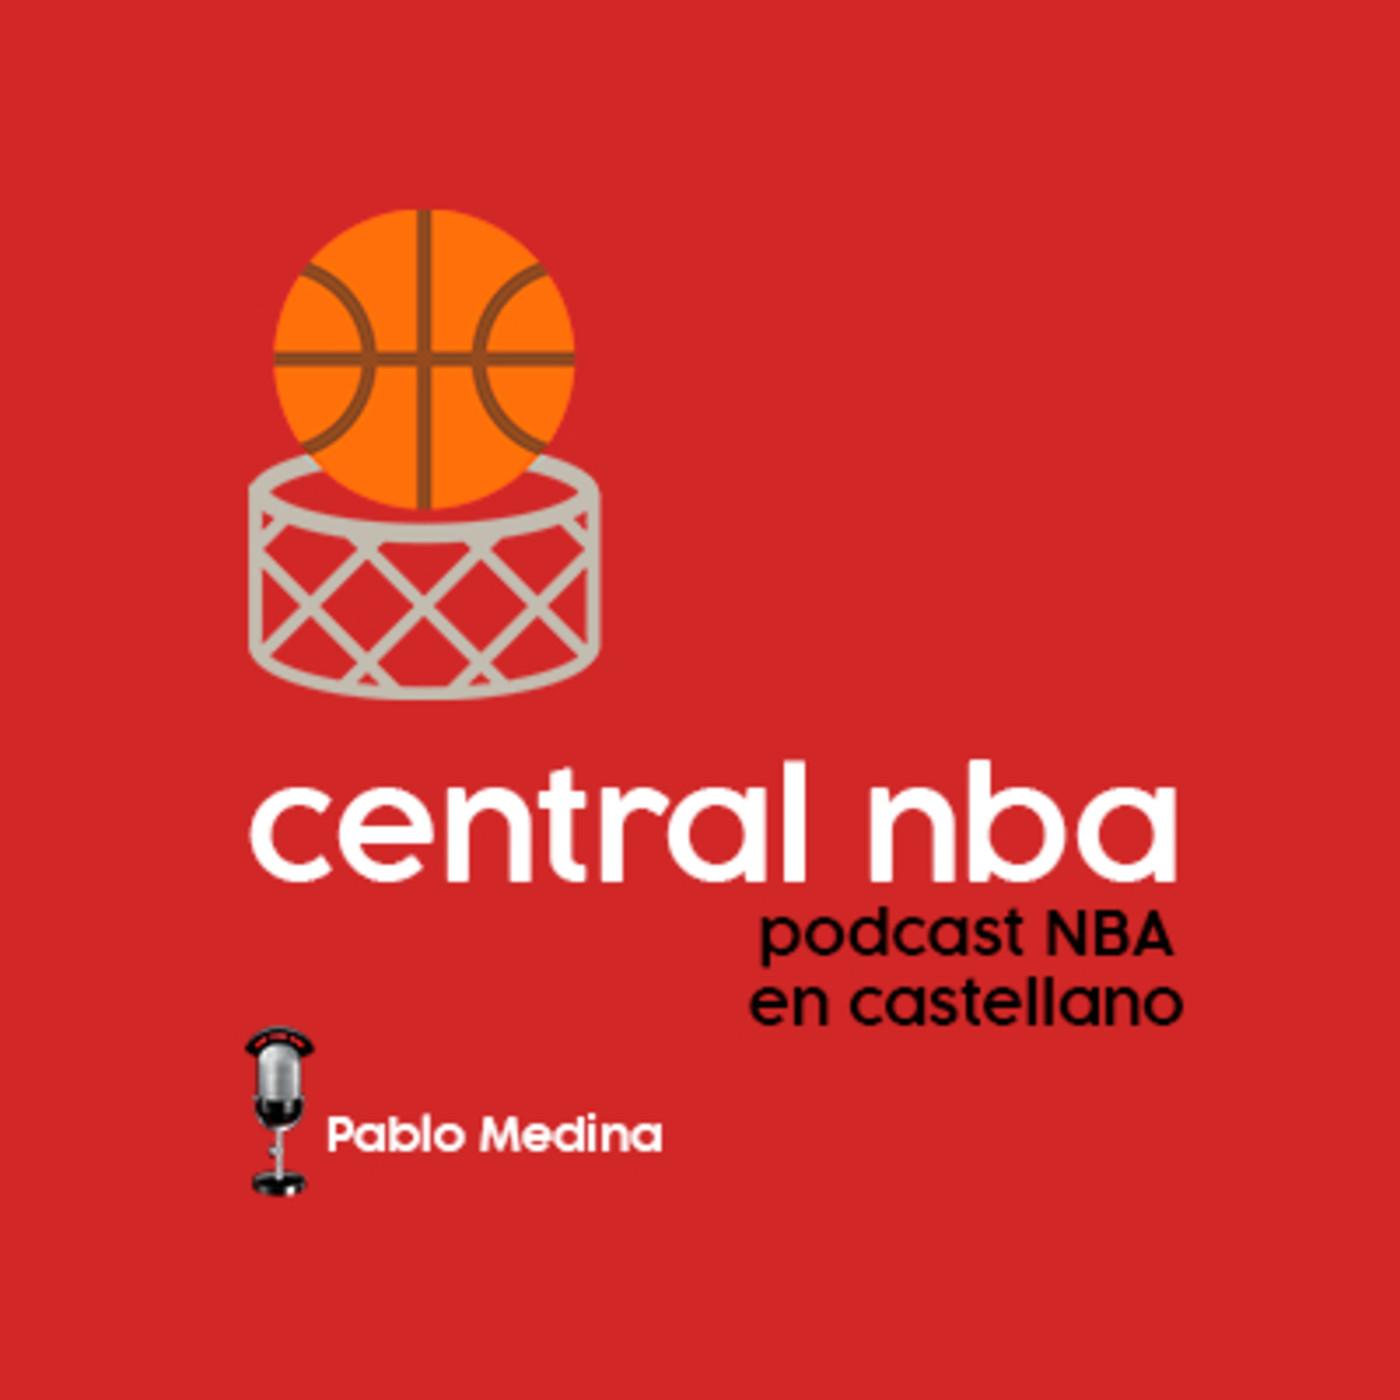 PREVIA FINALES de la NBA: LOS ANGELES LAKERS - ¿Cómo afrontan las FINALES? - CENTRAL NBA #42 (29/09/2020)